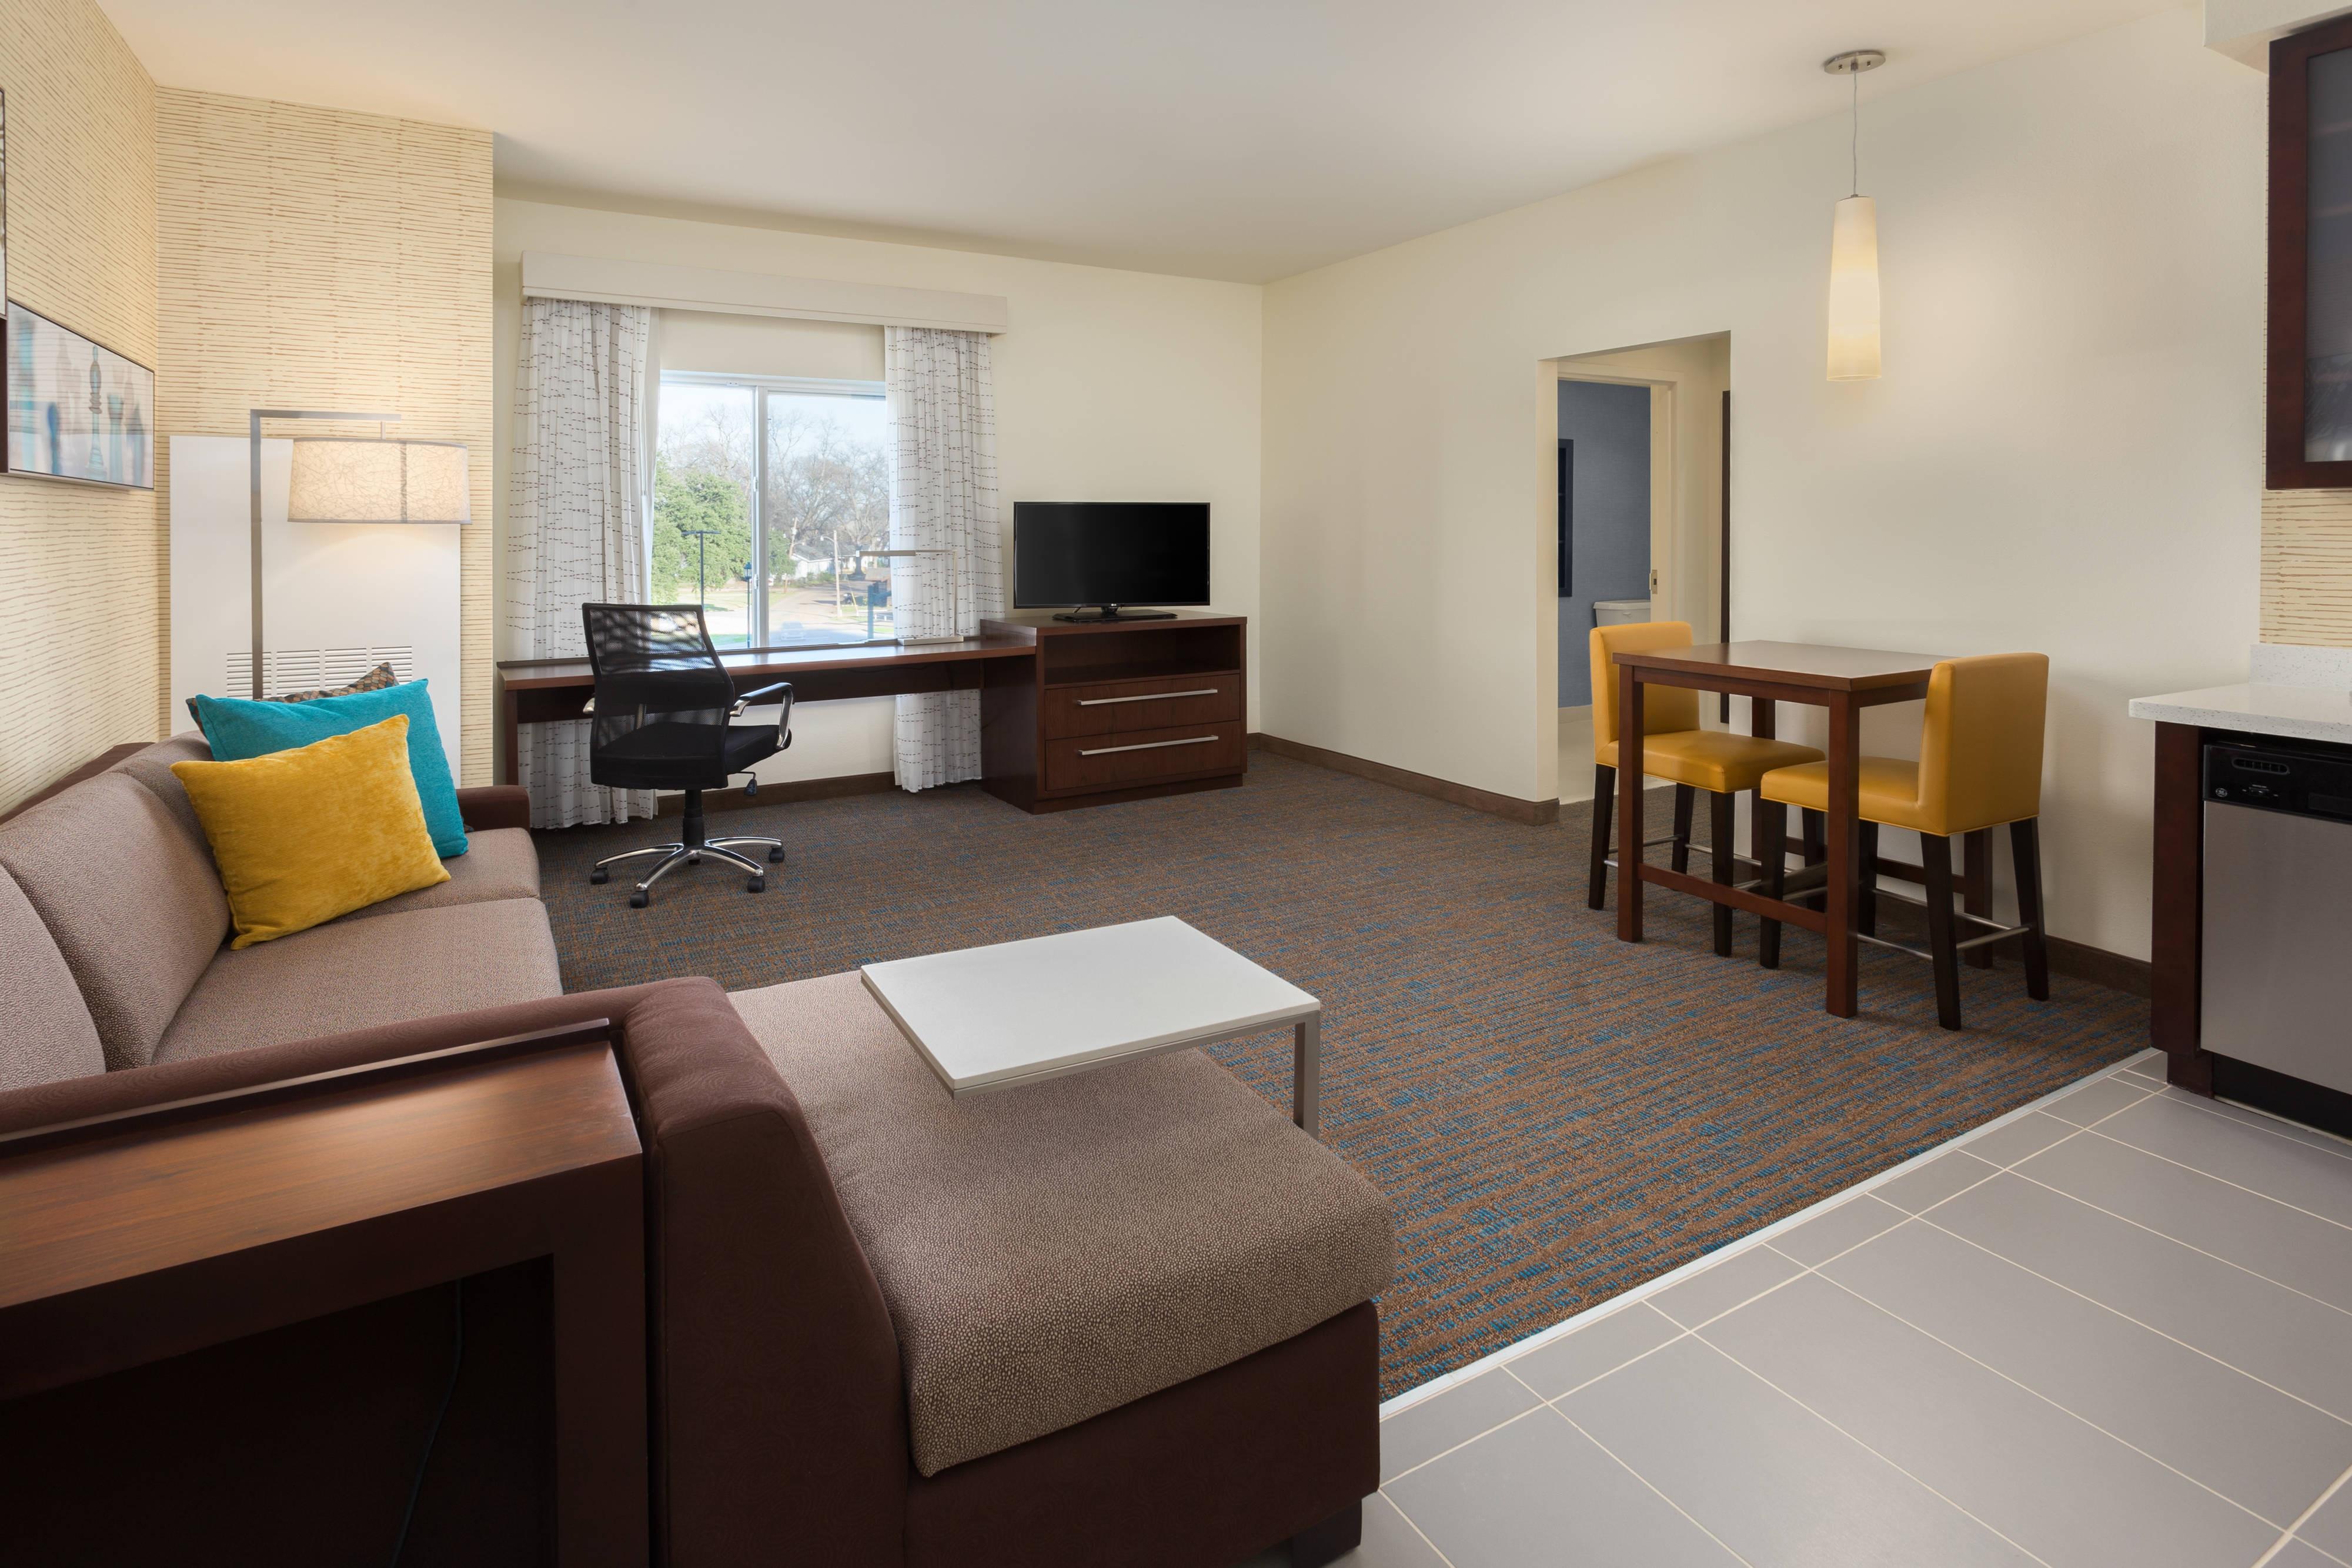 Wohnzimmer der Suite mit einem Schlafzimmer